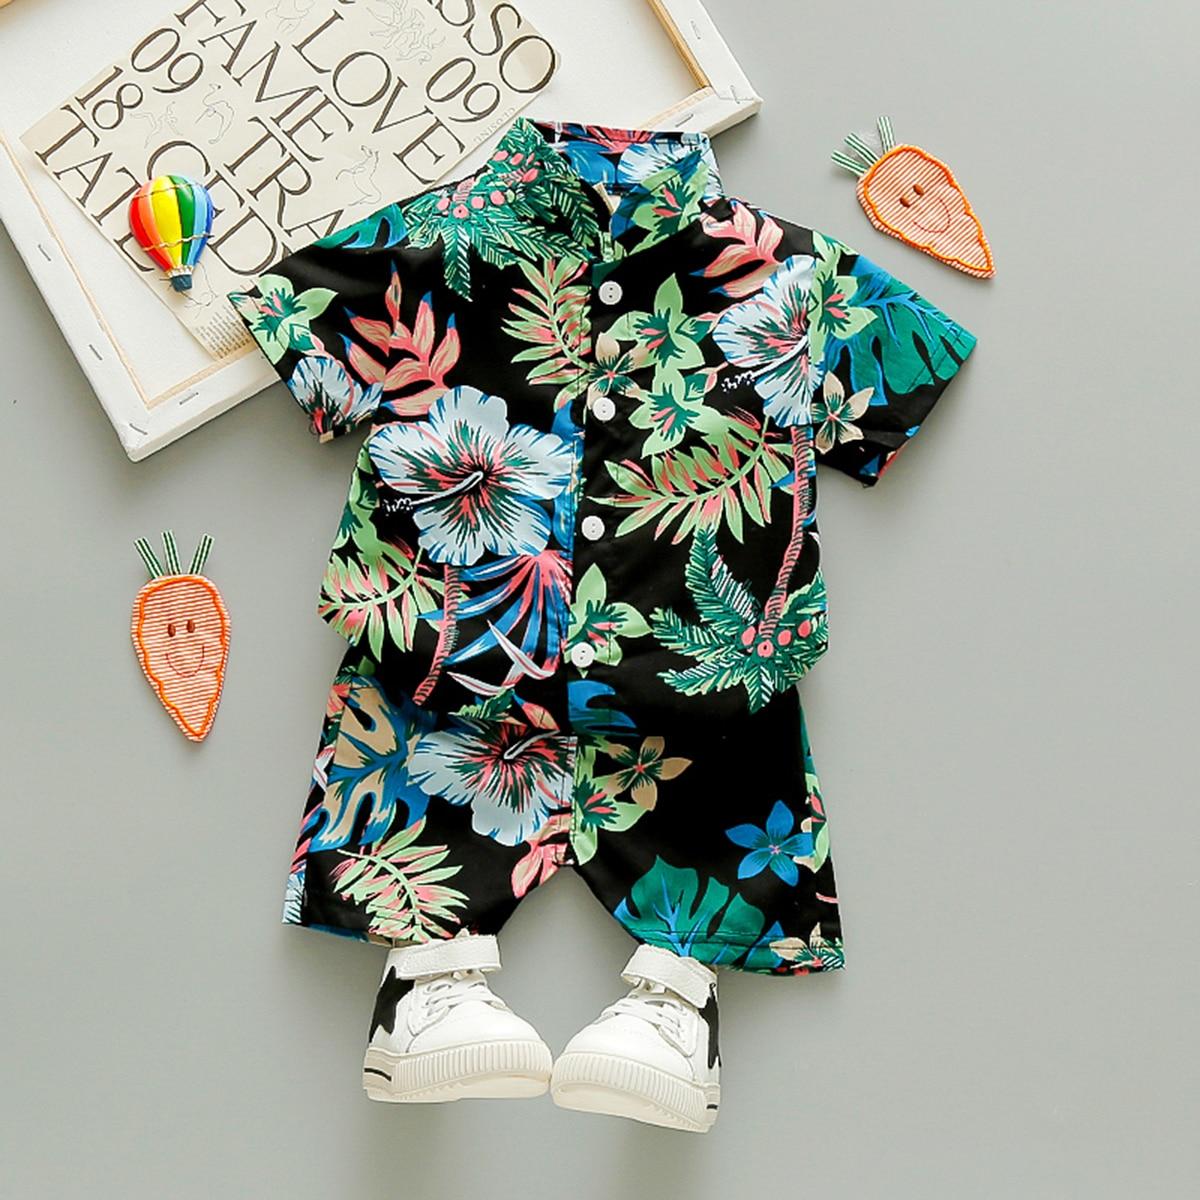 Шорты и рубашка с тропическим принтом для мальчиков от SHEIN